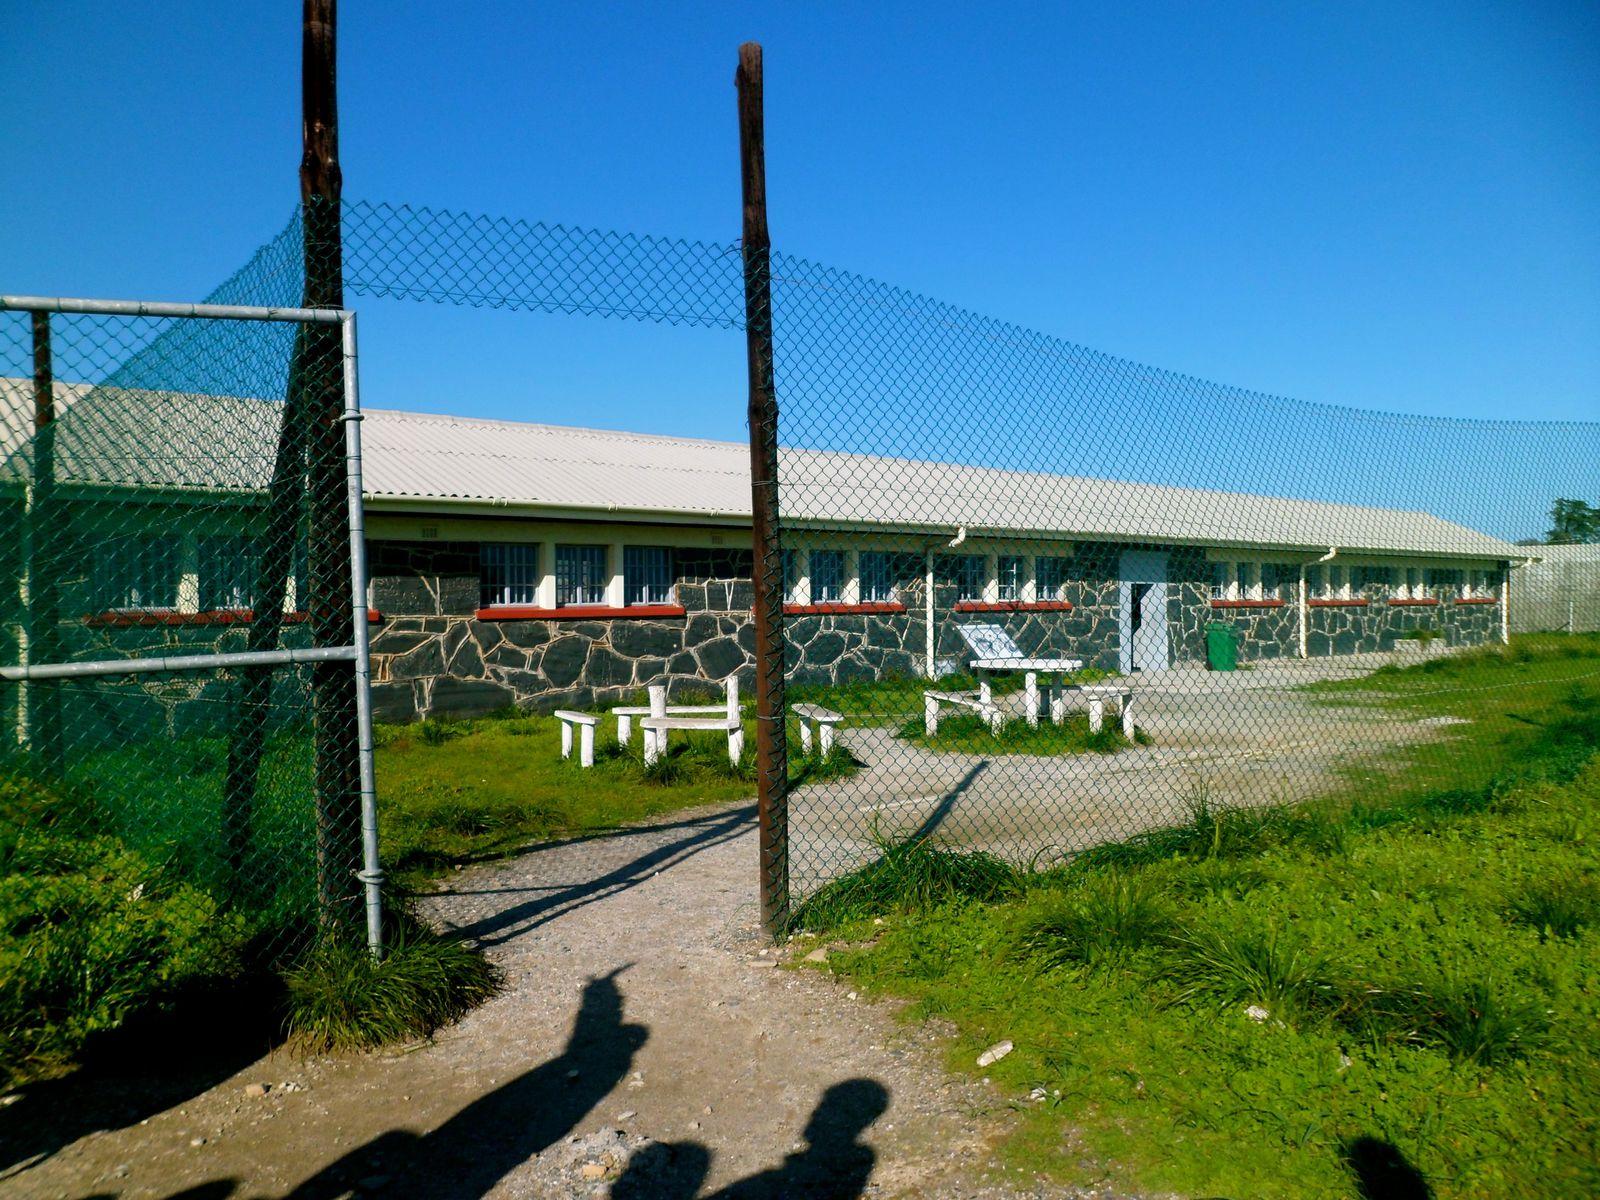 Choses à faire à Cap Town